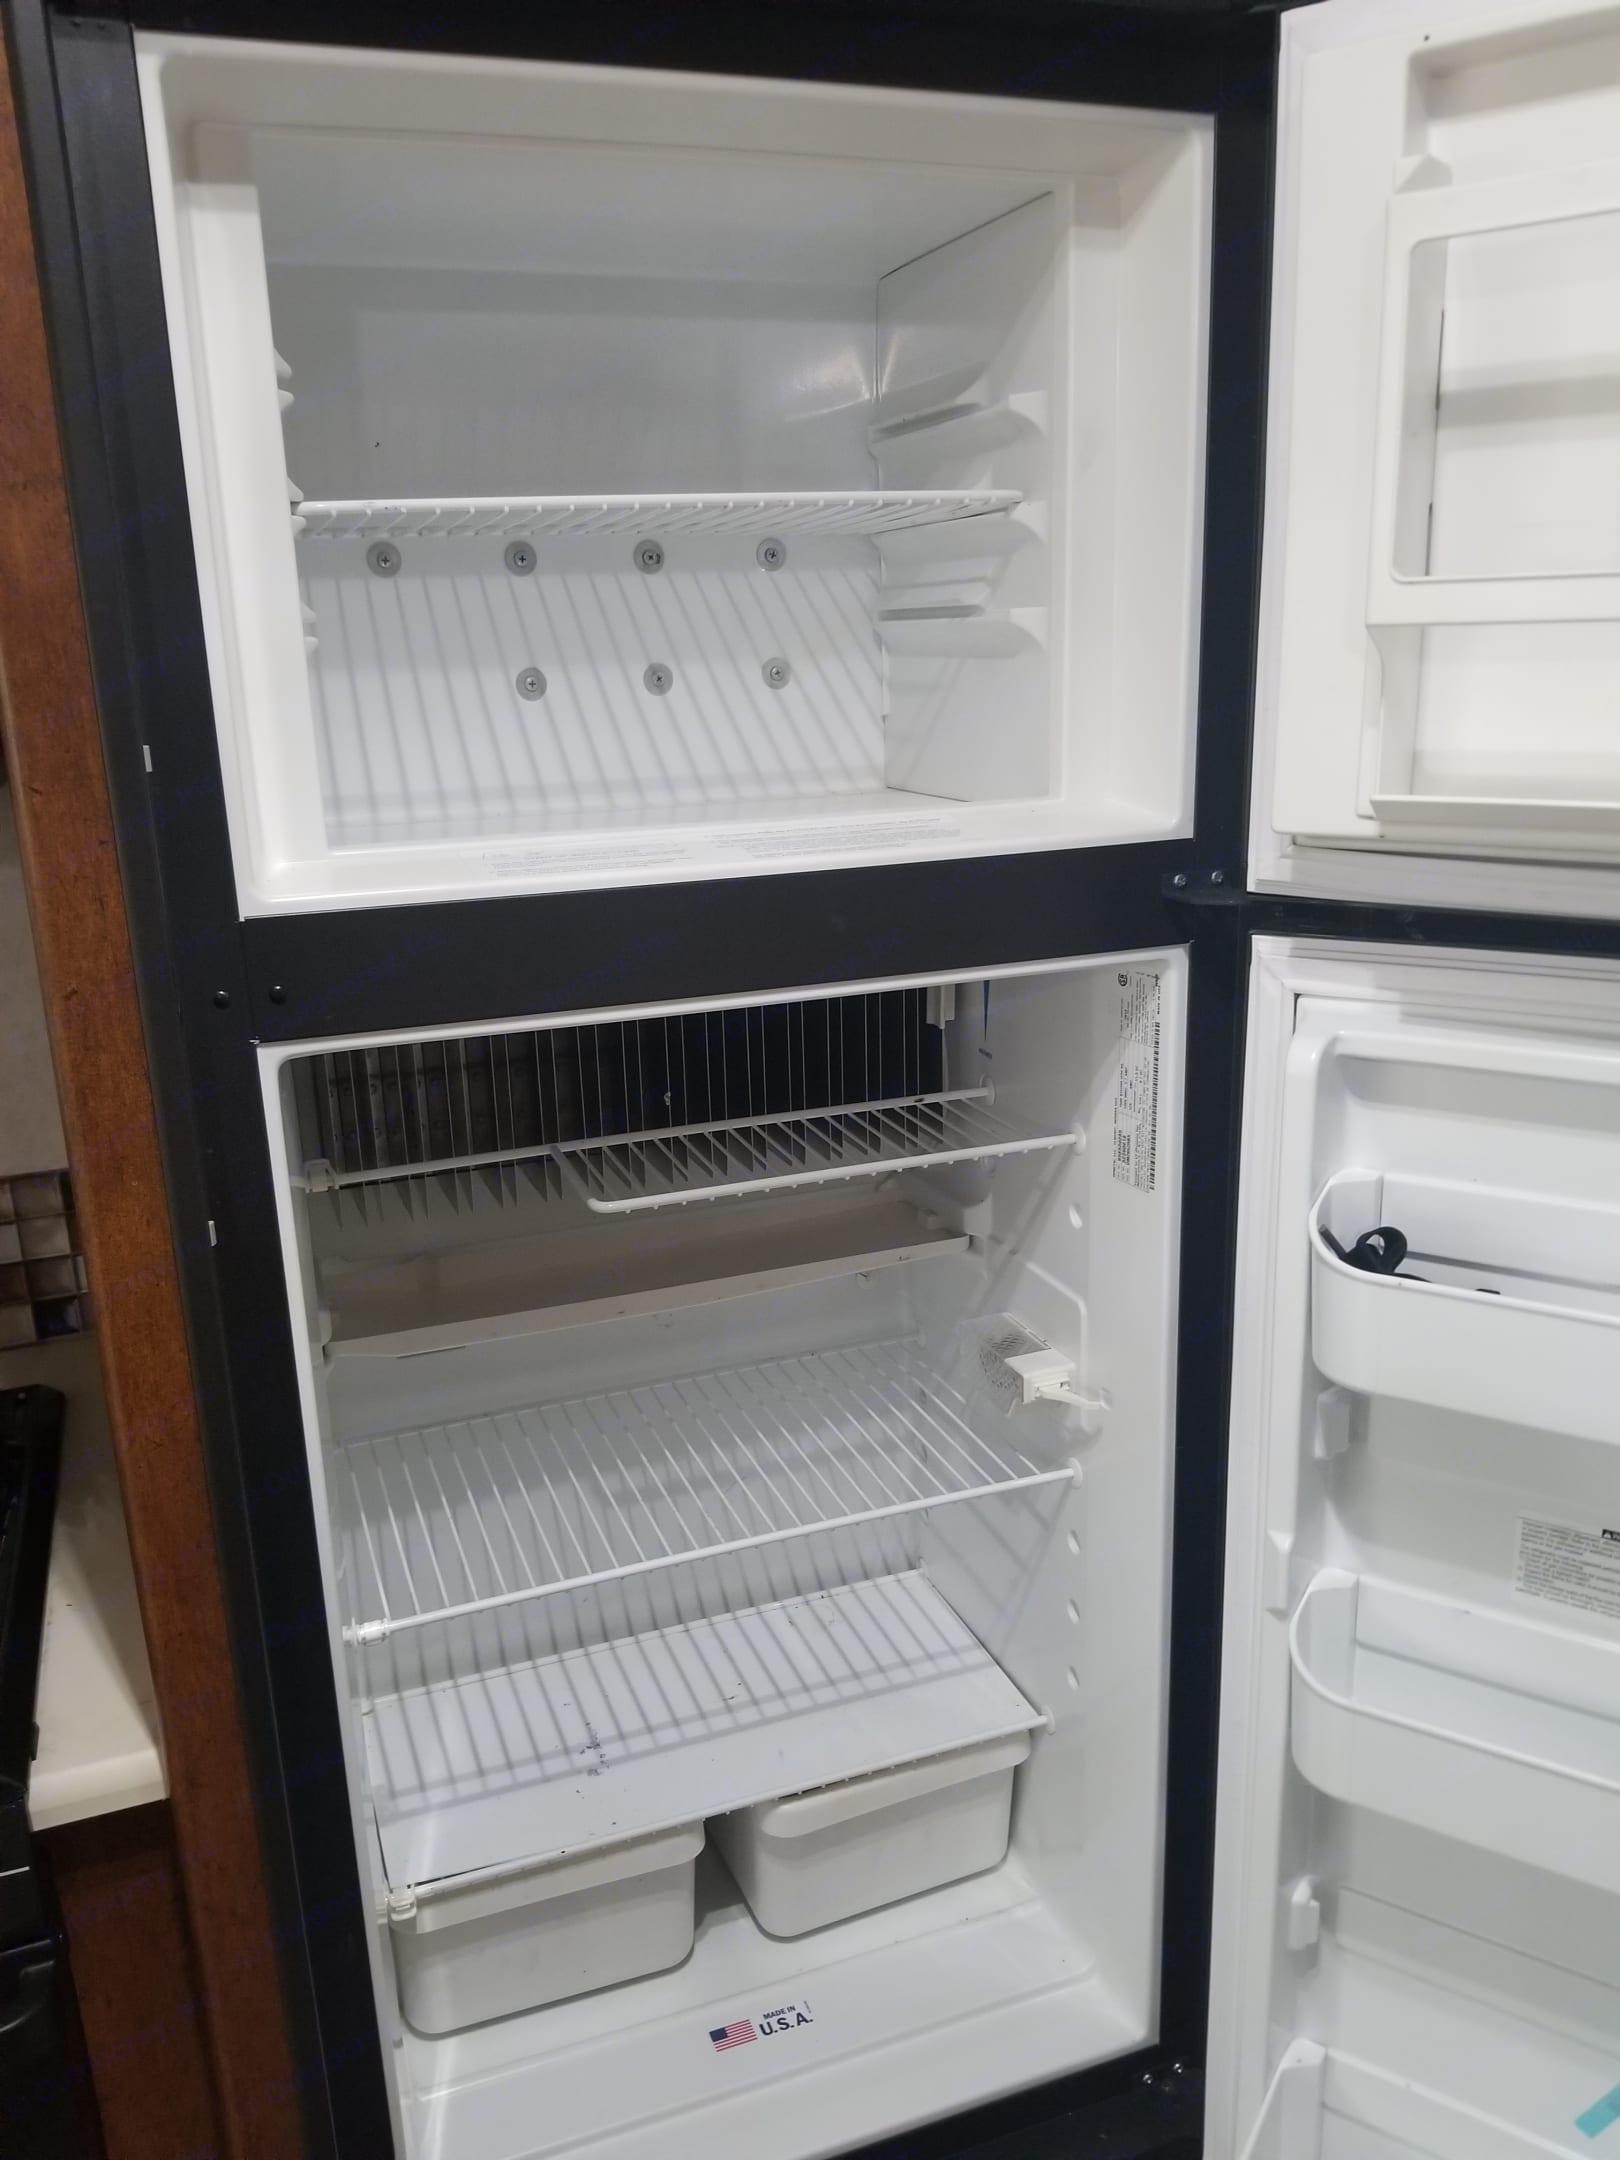 Refrigerator and freezer. Coachmen Pursuit 2014